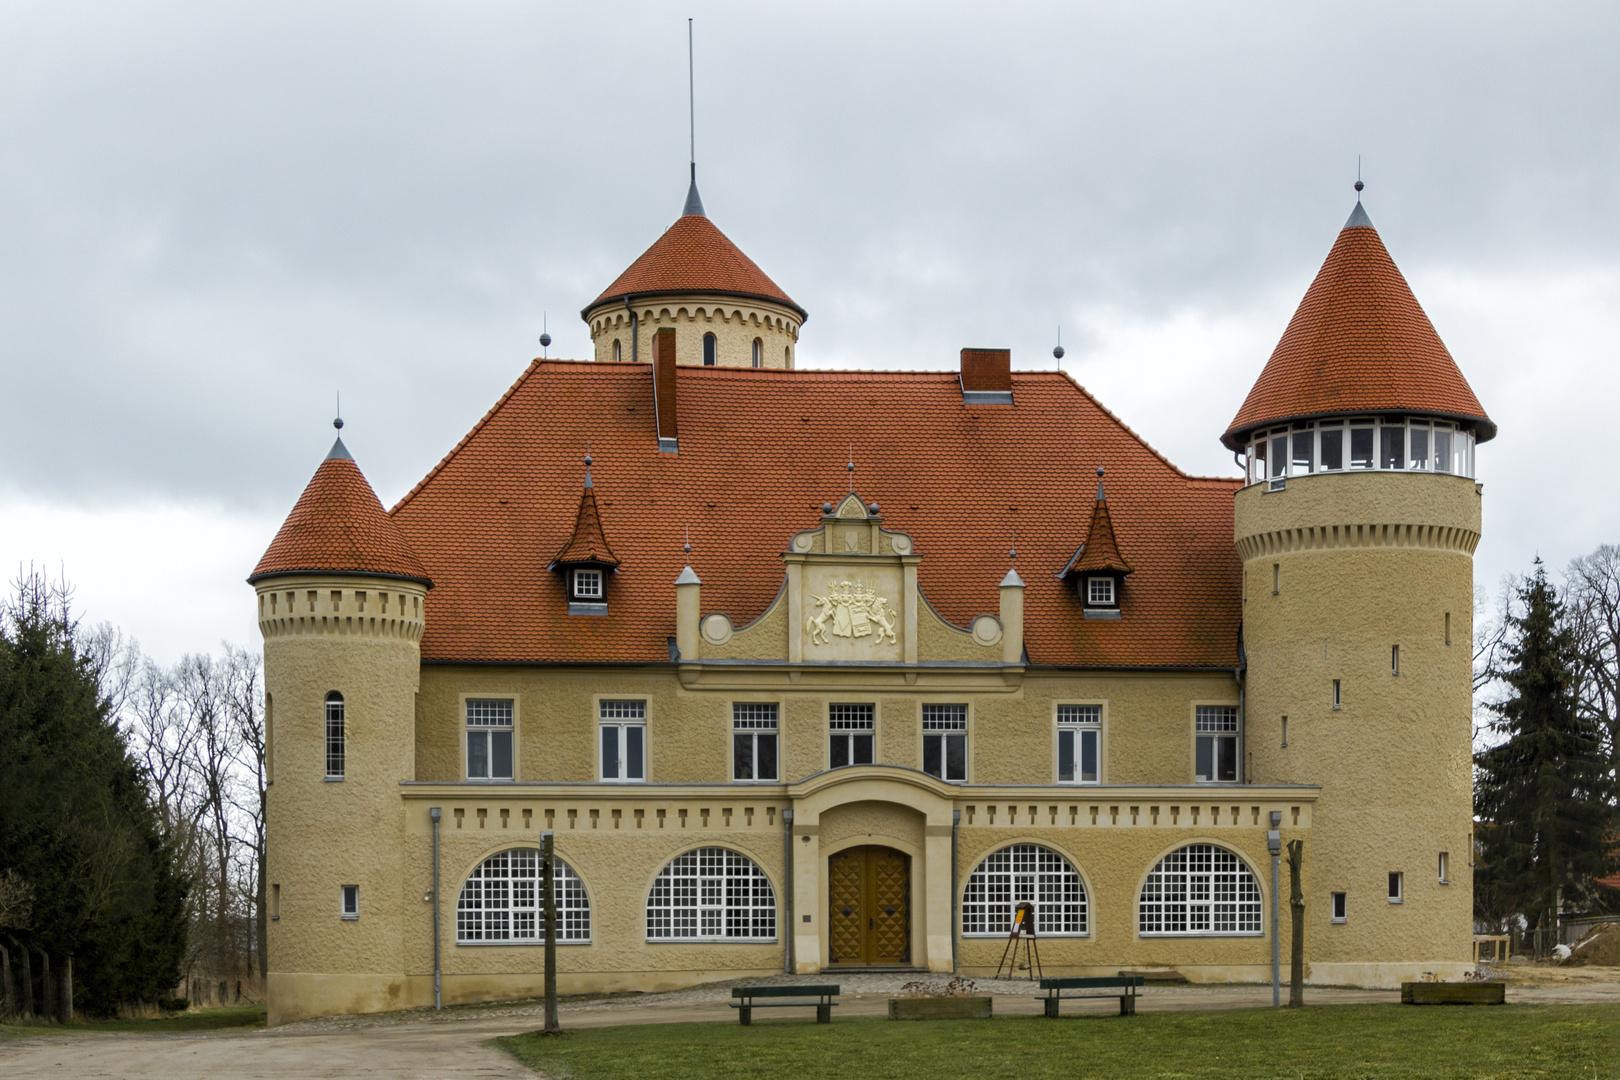 Schloß Stolpe auf Usedom